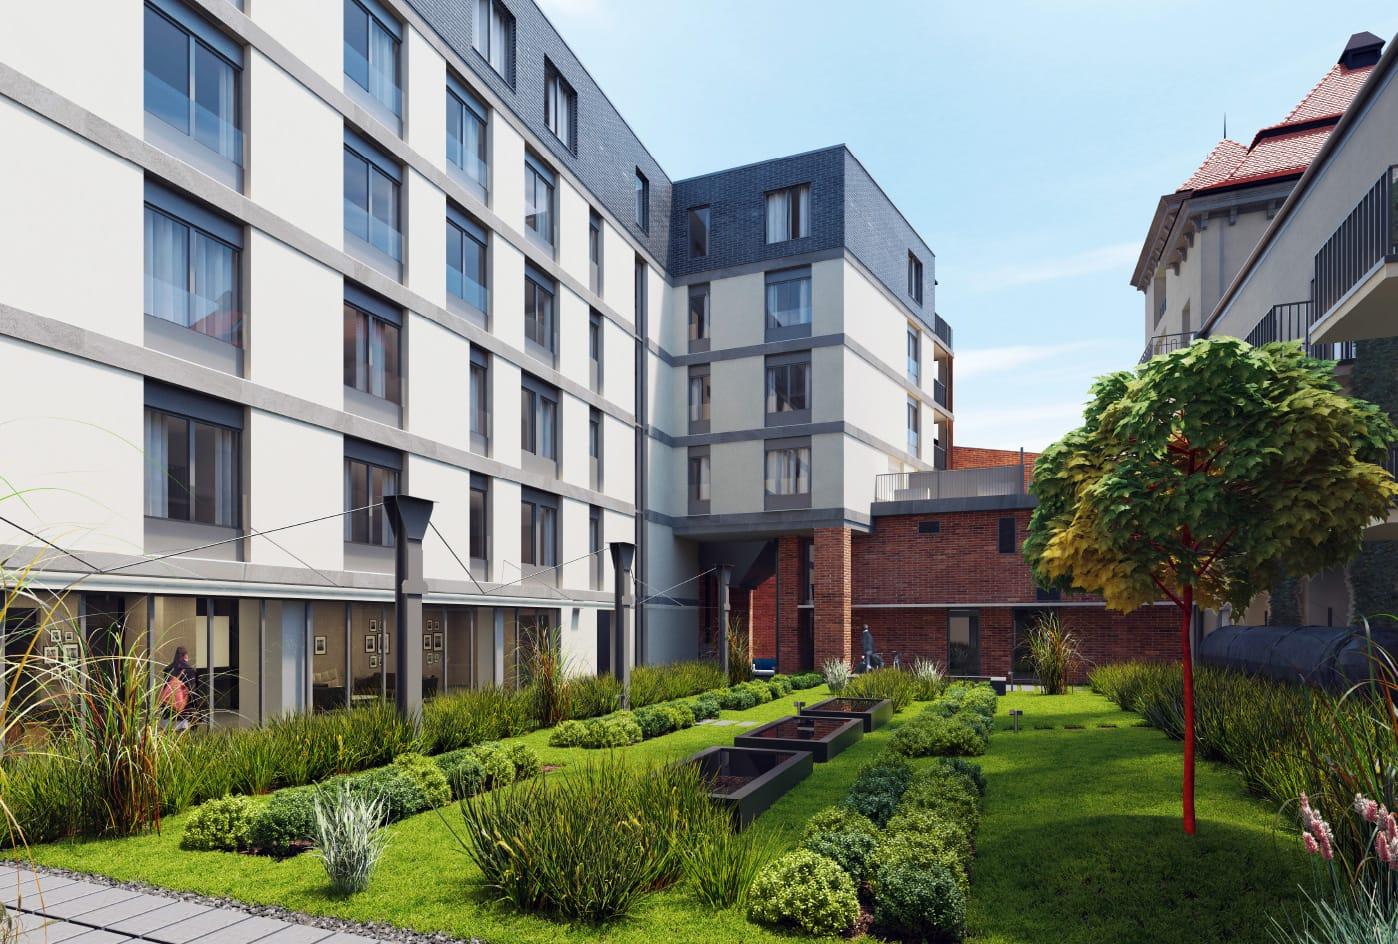 Apartamenty Wawrzyńca 19 w Krakowie - dostawa i montaż układów Split, Multi Split oraz systemów VRV firmy DAIKIN.